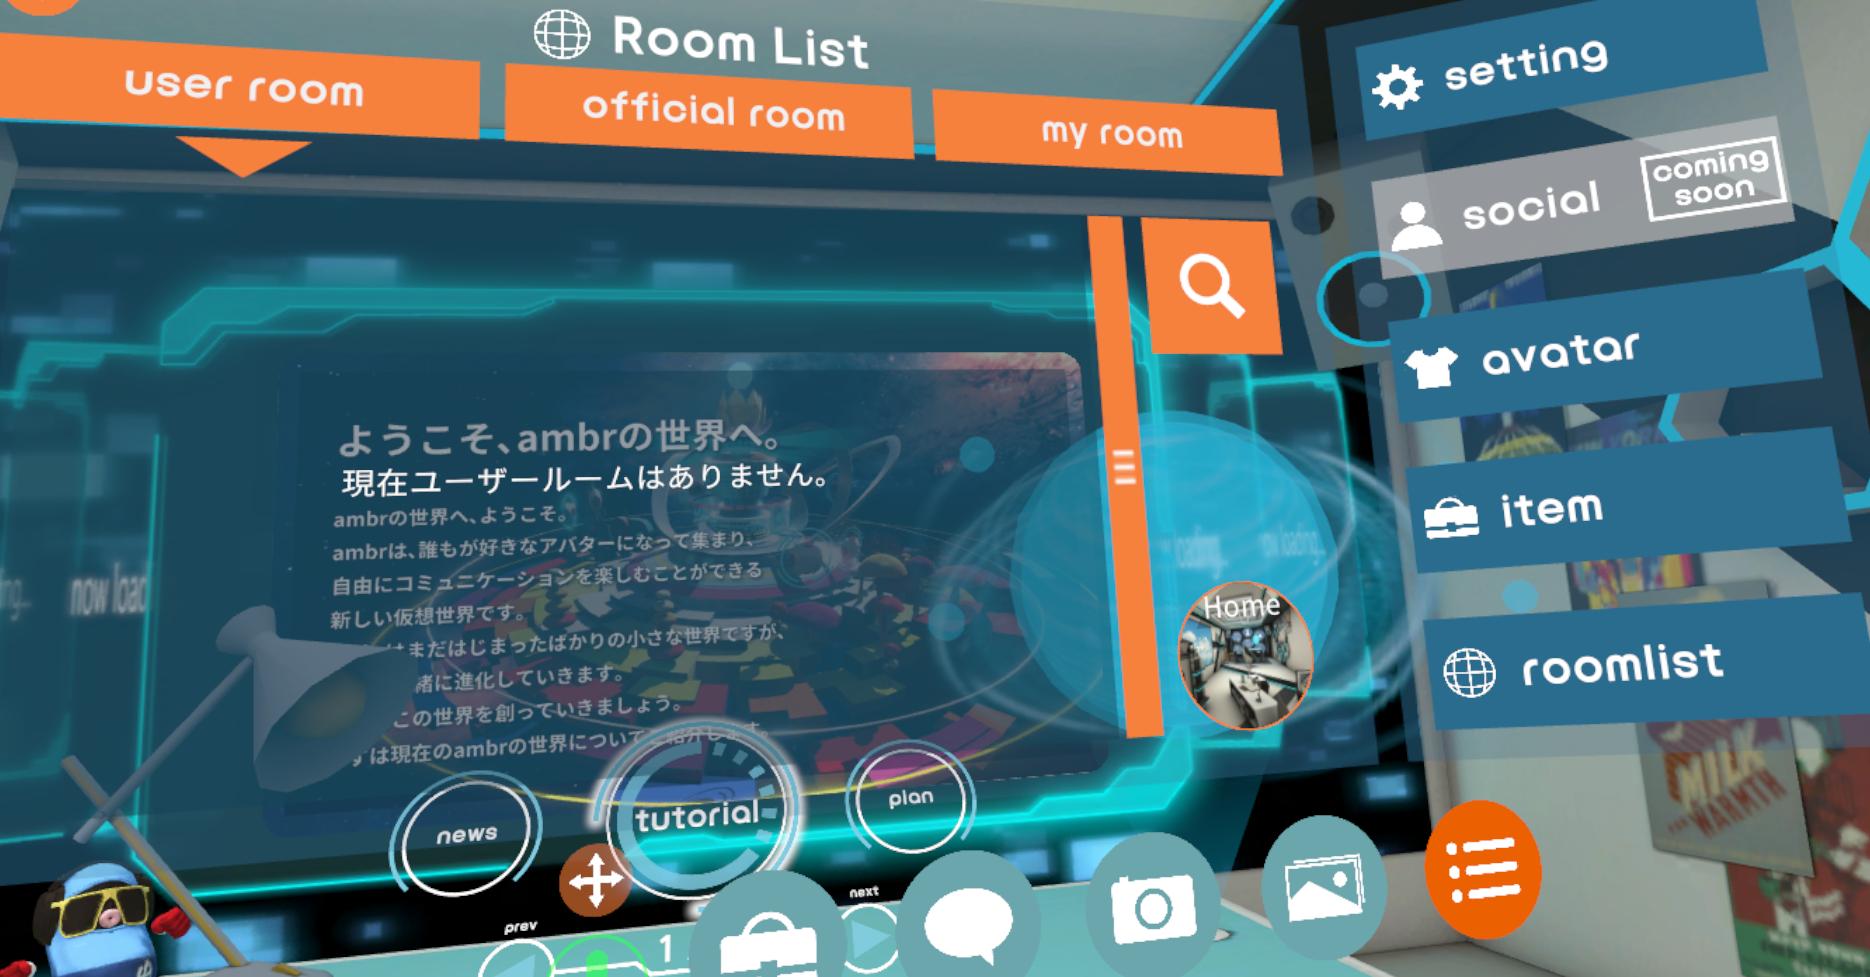 VR SNS【ambr】のメニュー説明9